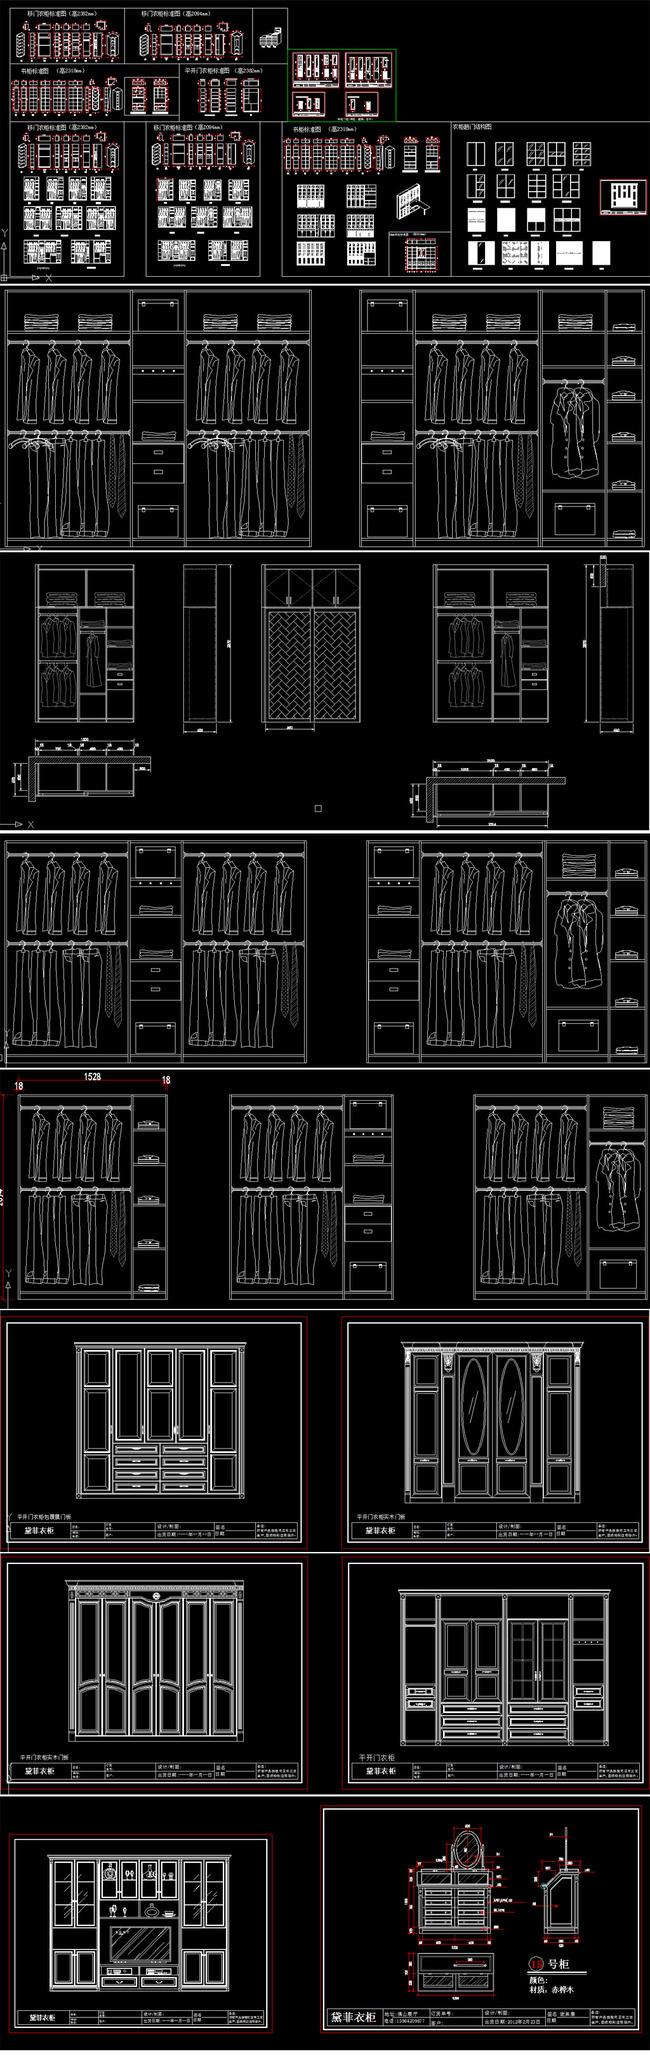 三扇移门衣柜内部结构图cad